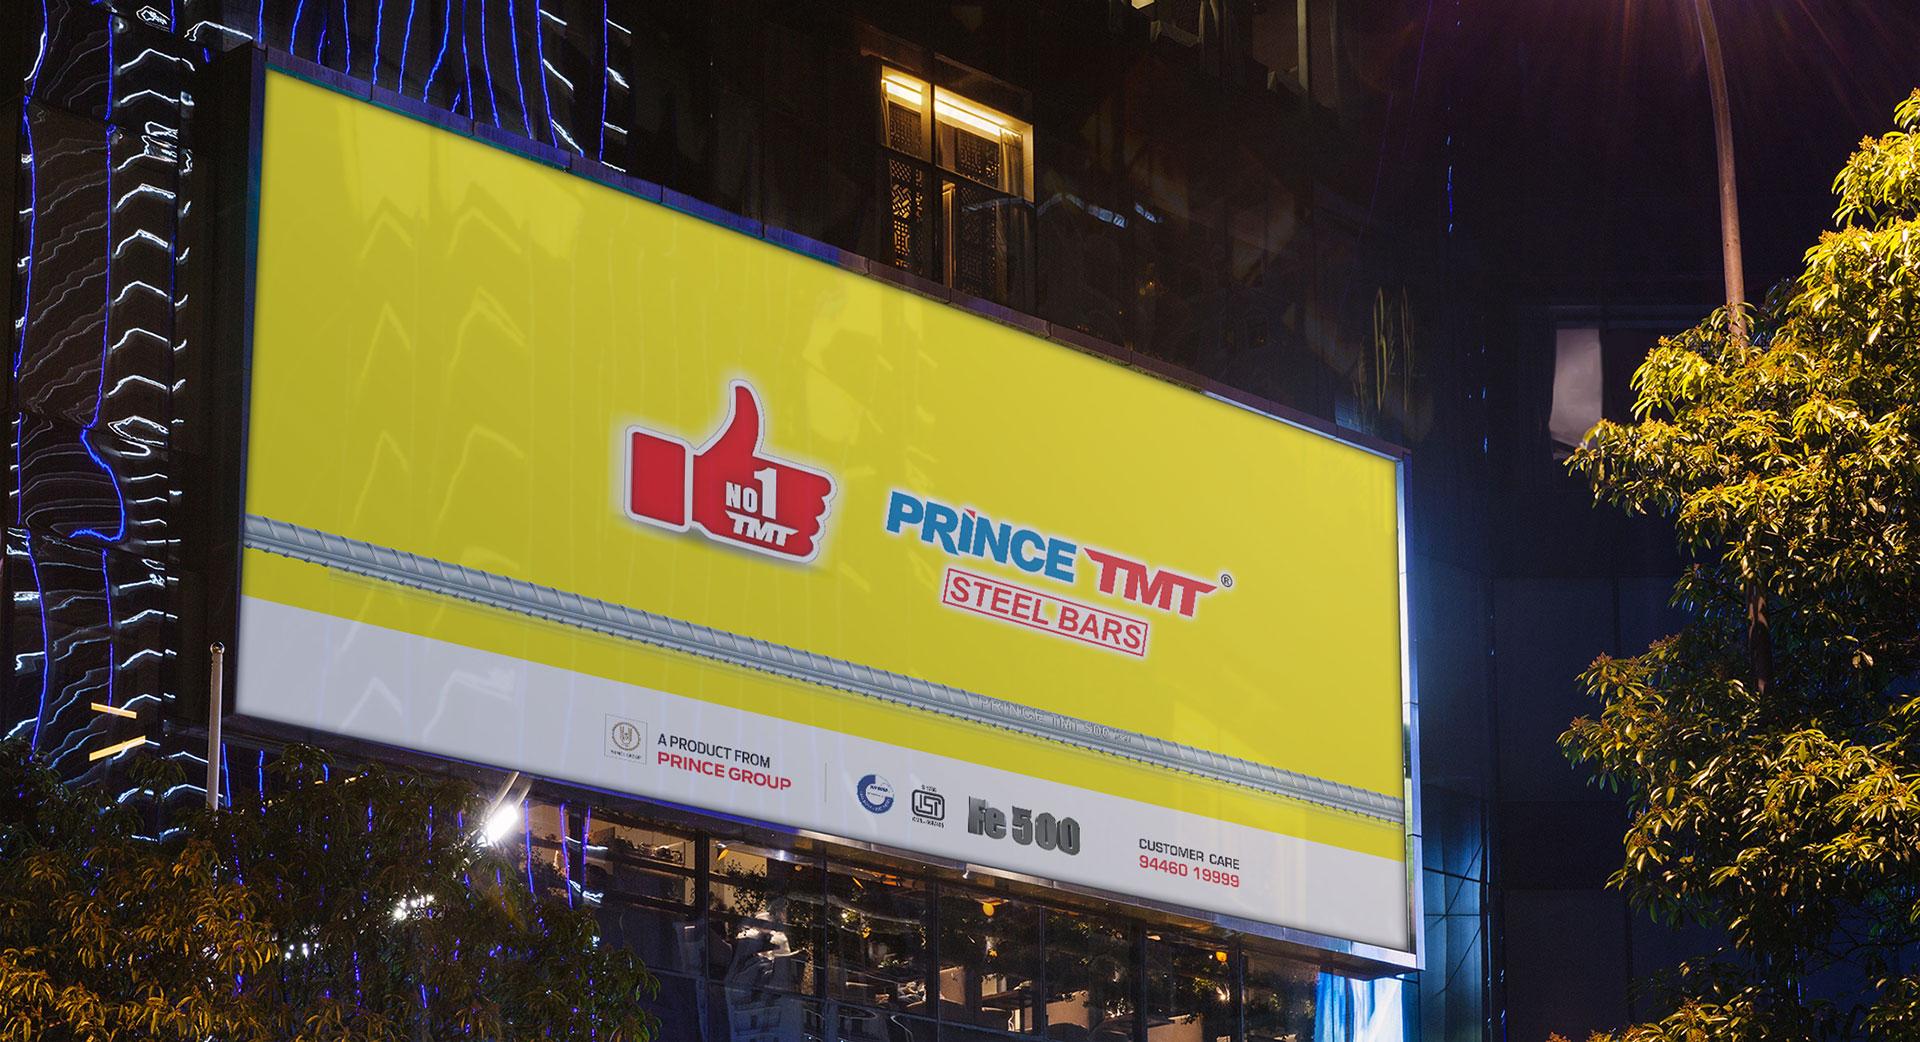 A billboard displaying the design of Prince TMT Steel Bars - Number 1 TMT Branding design